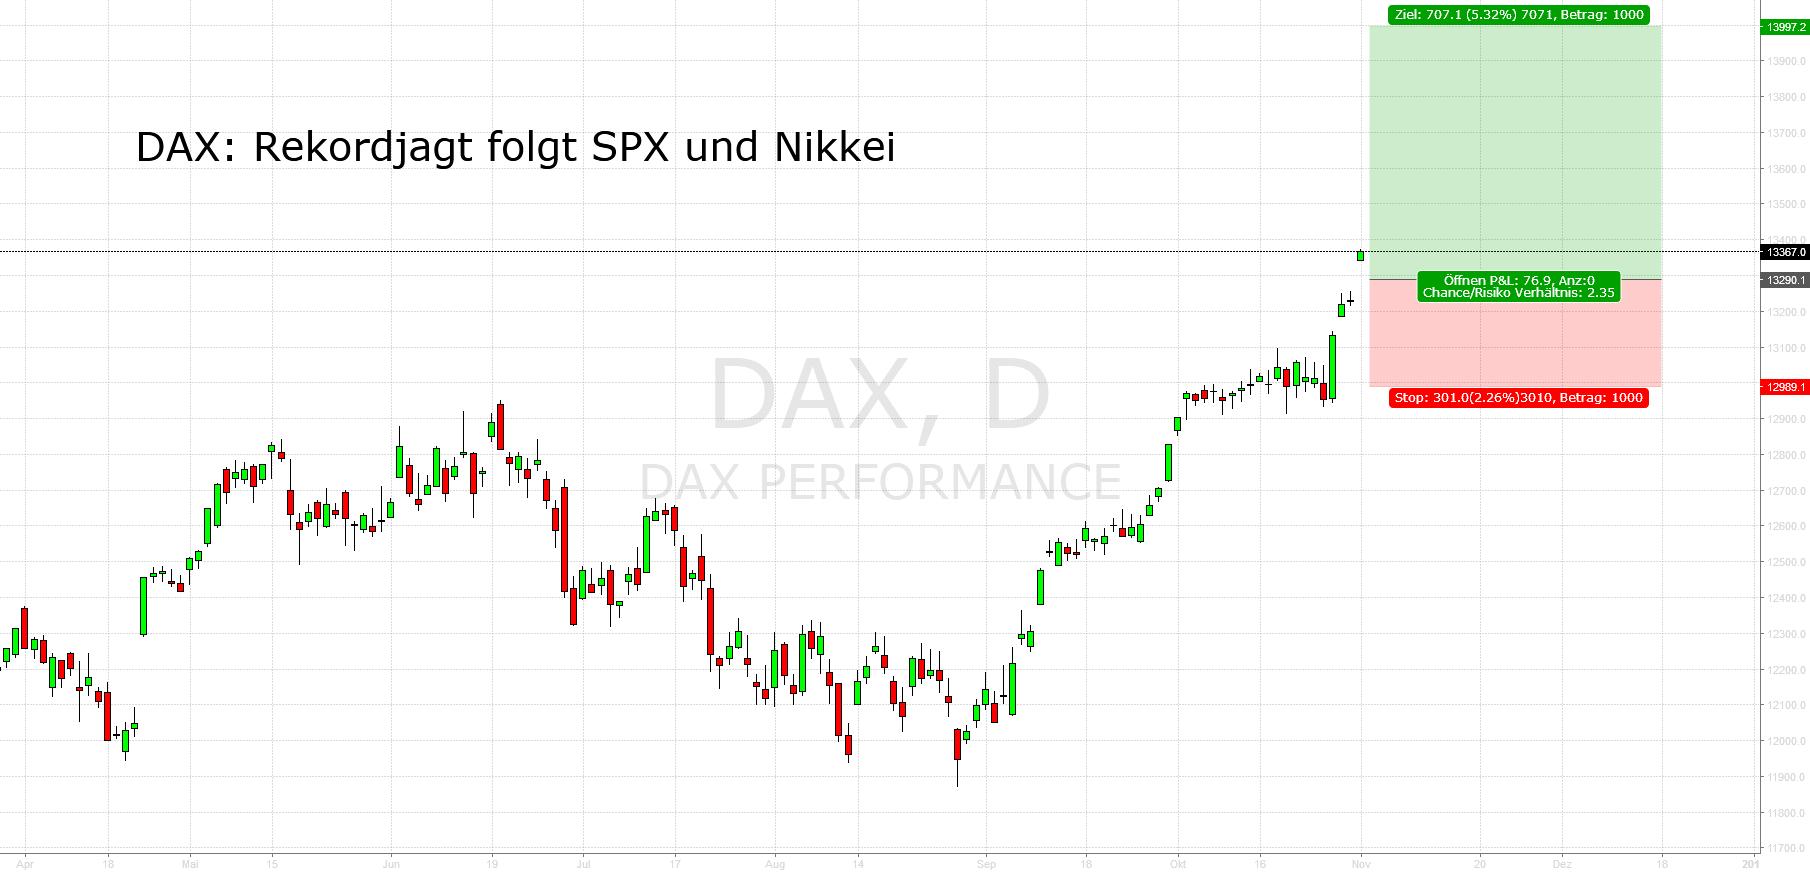 DAX: Rekordjagt beginnt